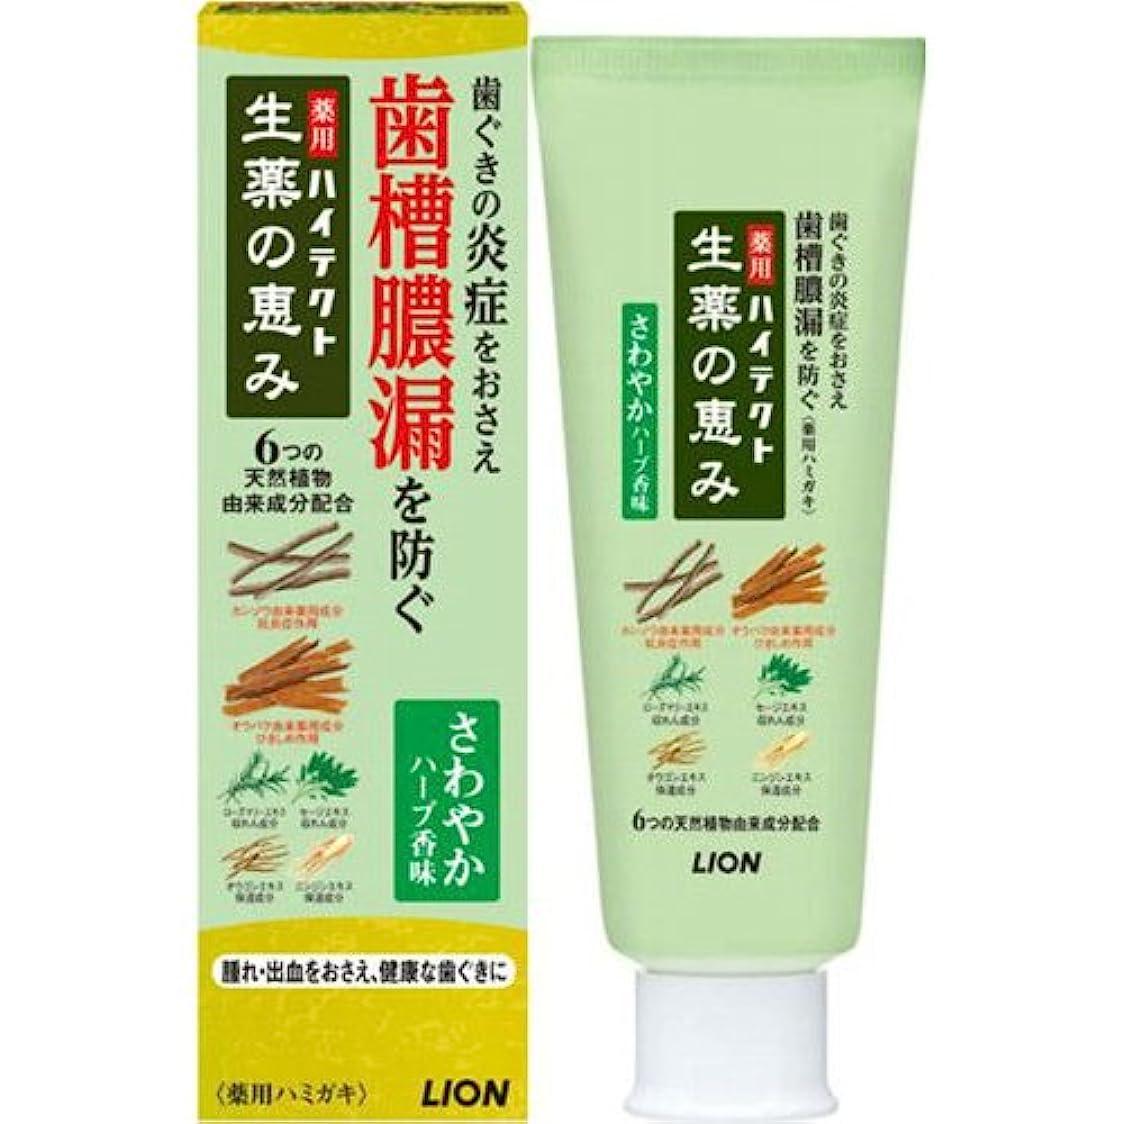 代替耐えられない社交的【ライオン】ハイテクト 生薬の恵み さわやかハーブ香味 90g ×3個セット